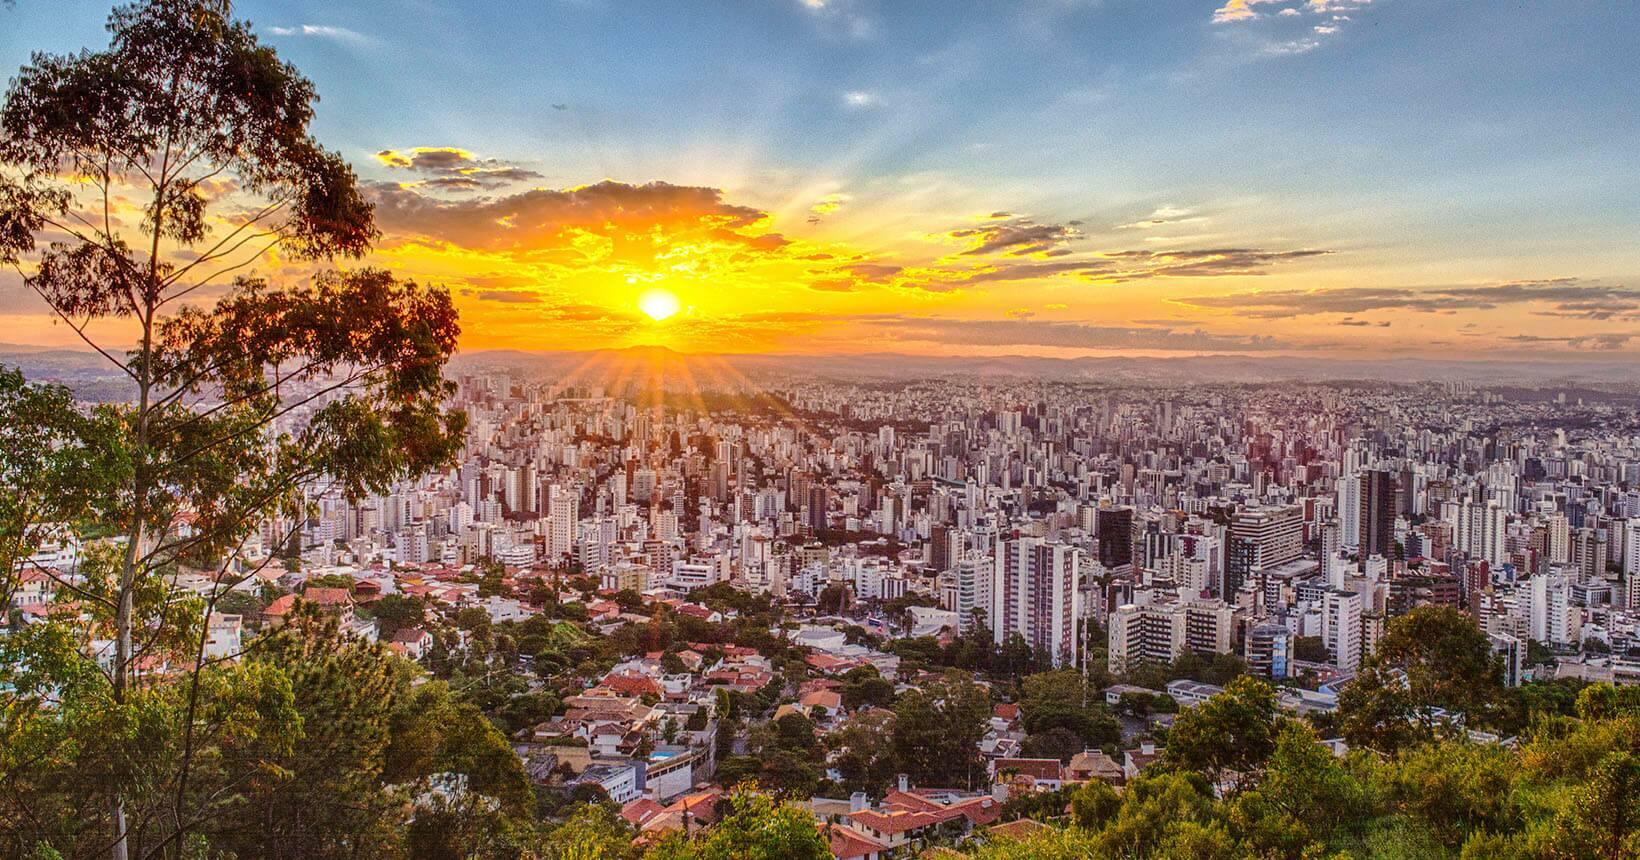 Voos para Belo Horizonte a partir de R$ 189 saindo de São Paulo, Rio e mais cidades!